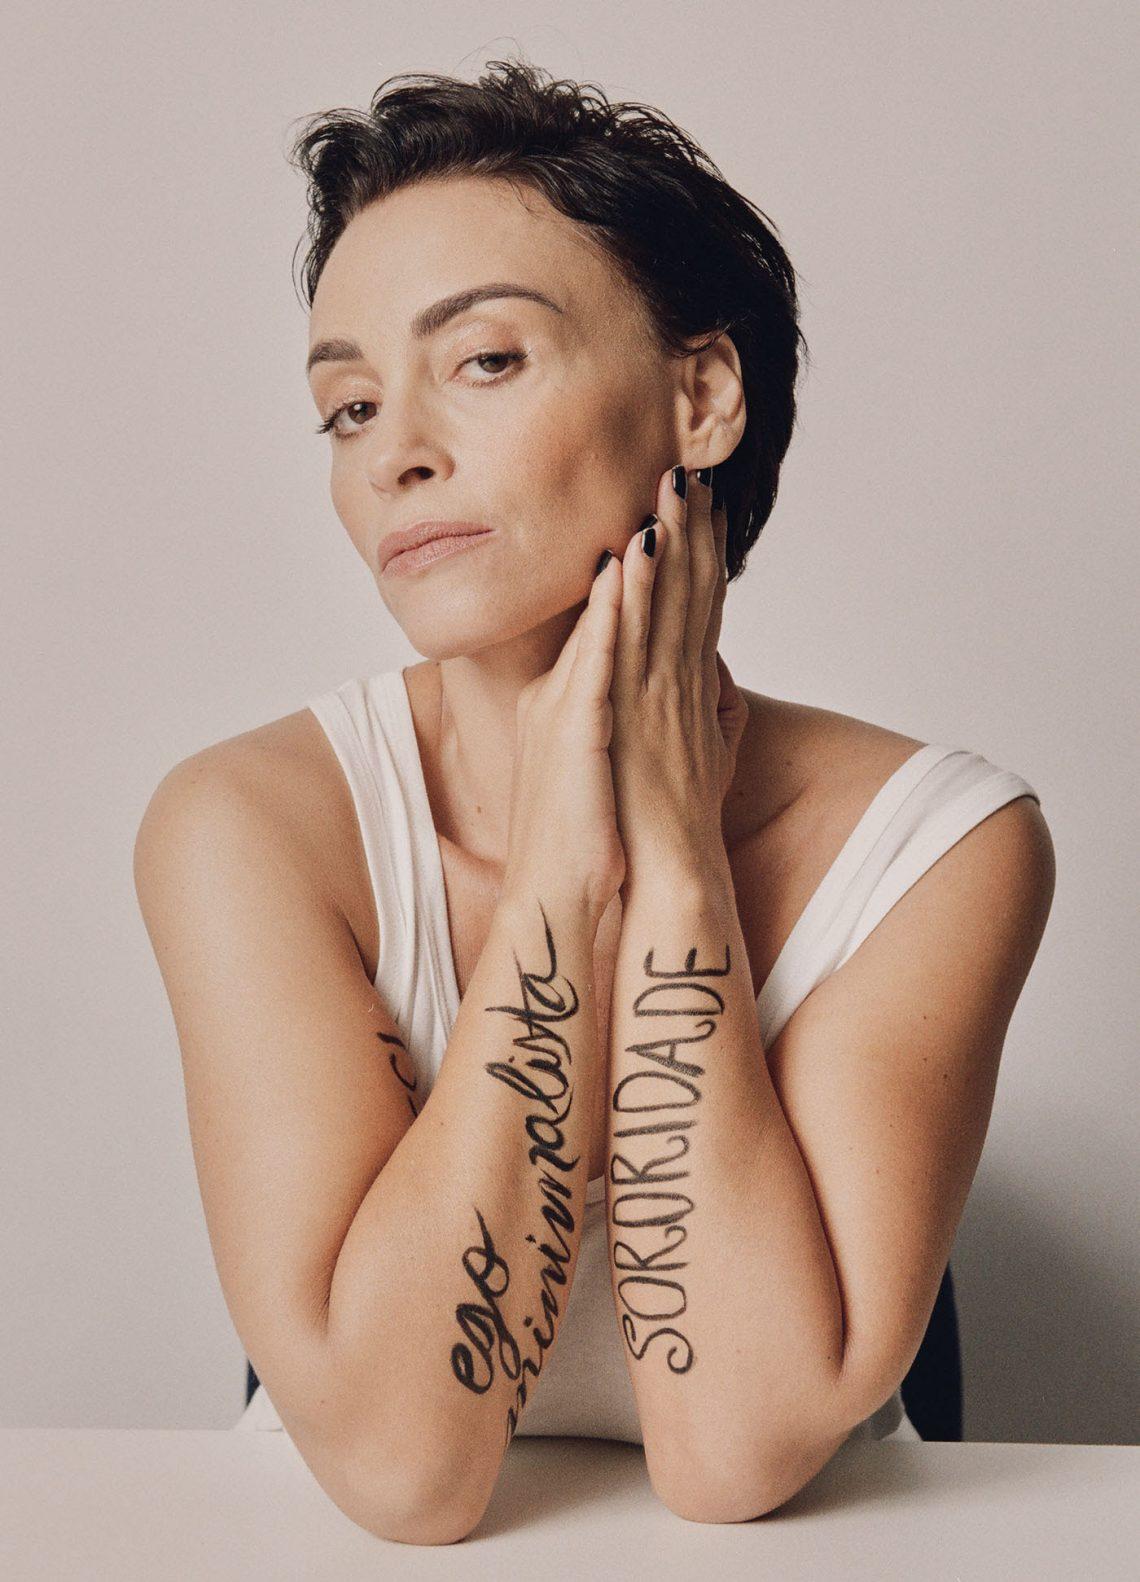 Curso sobre empreendedorismo feminino é lançado com parceria da Vogue, ESPM e Suzi Pires